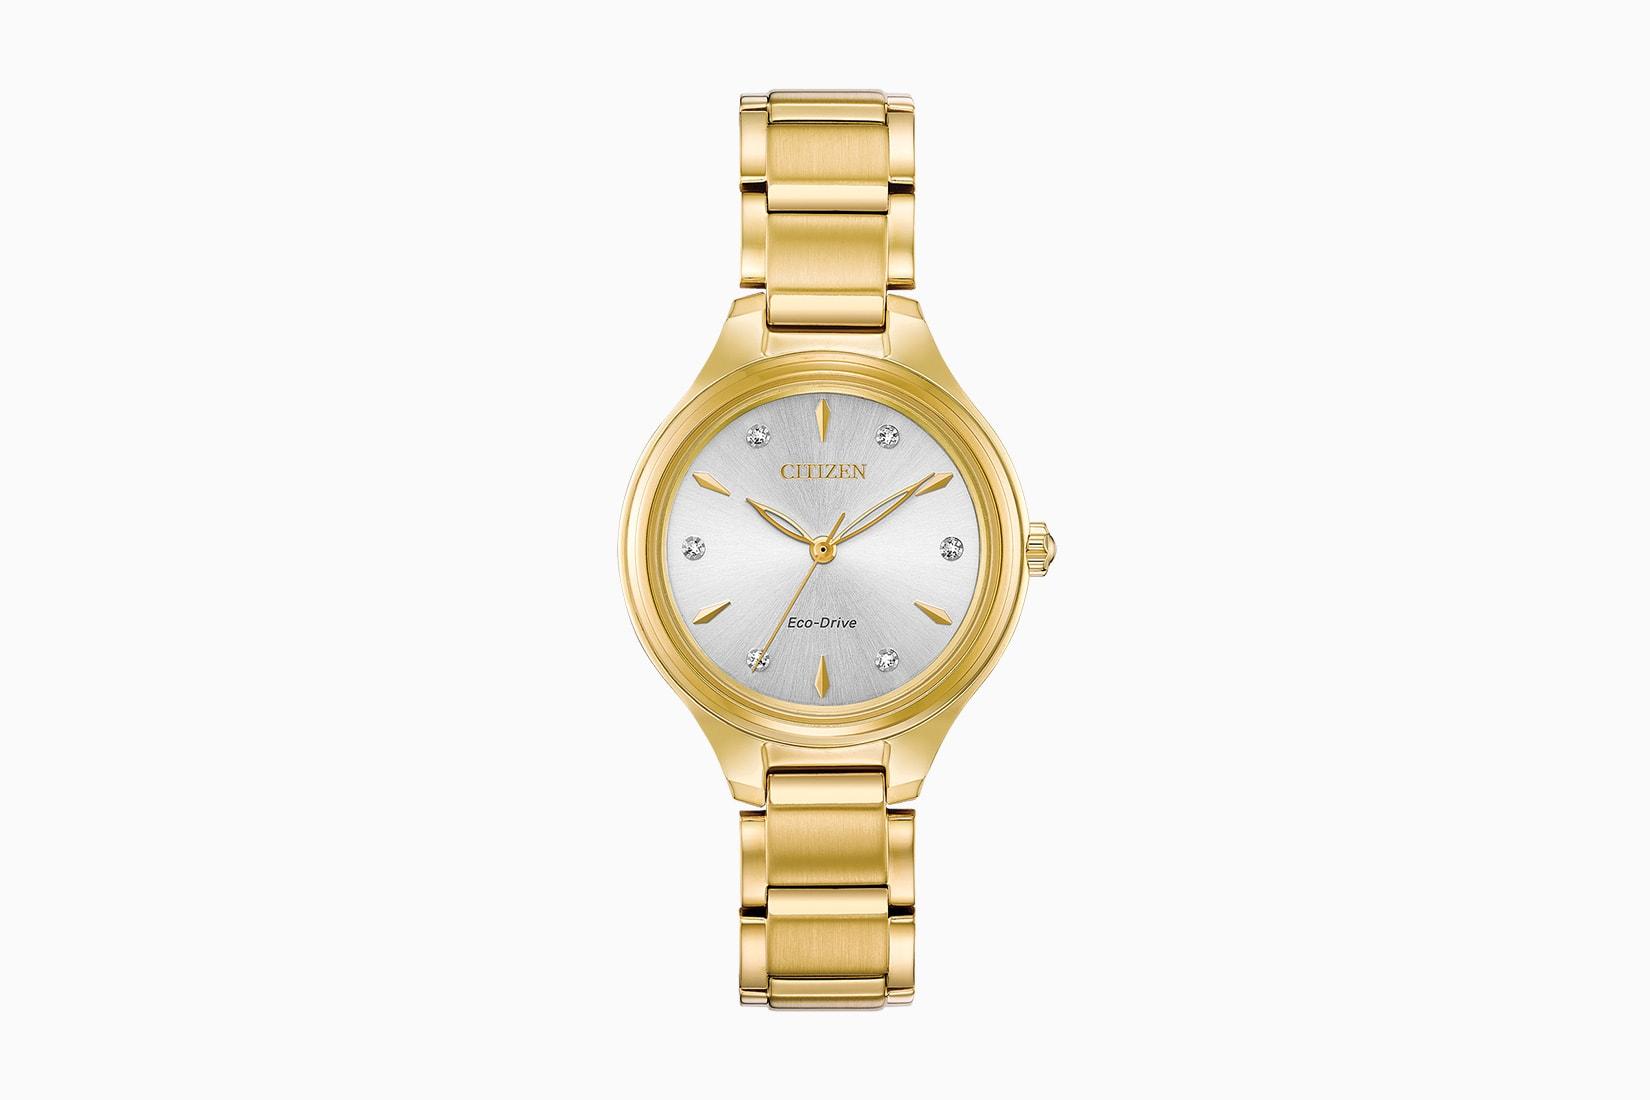 best women watches gold citizen corso review - Luxe Digital